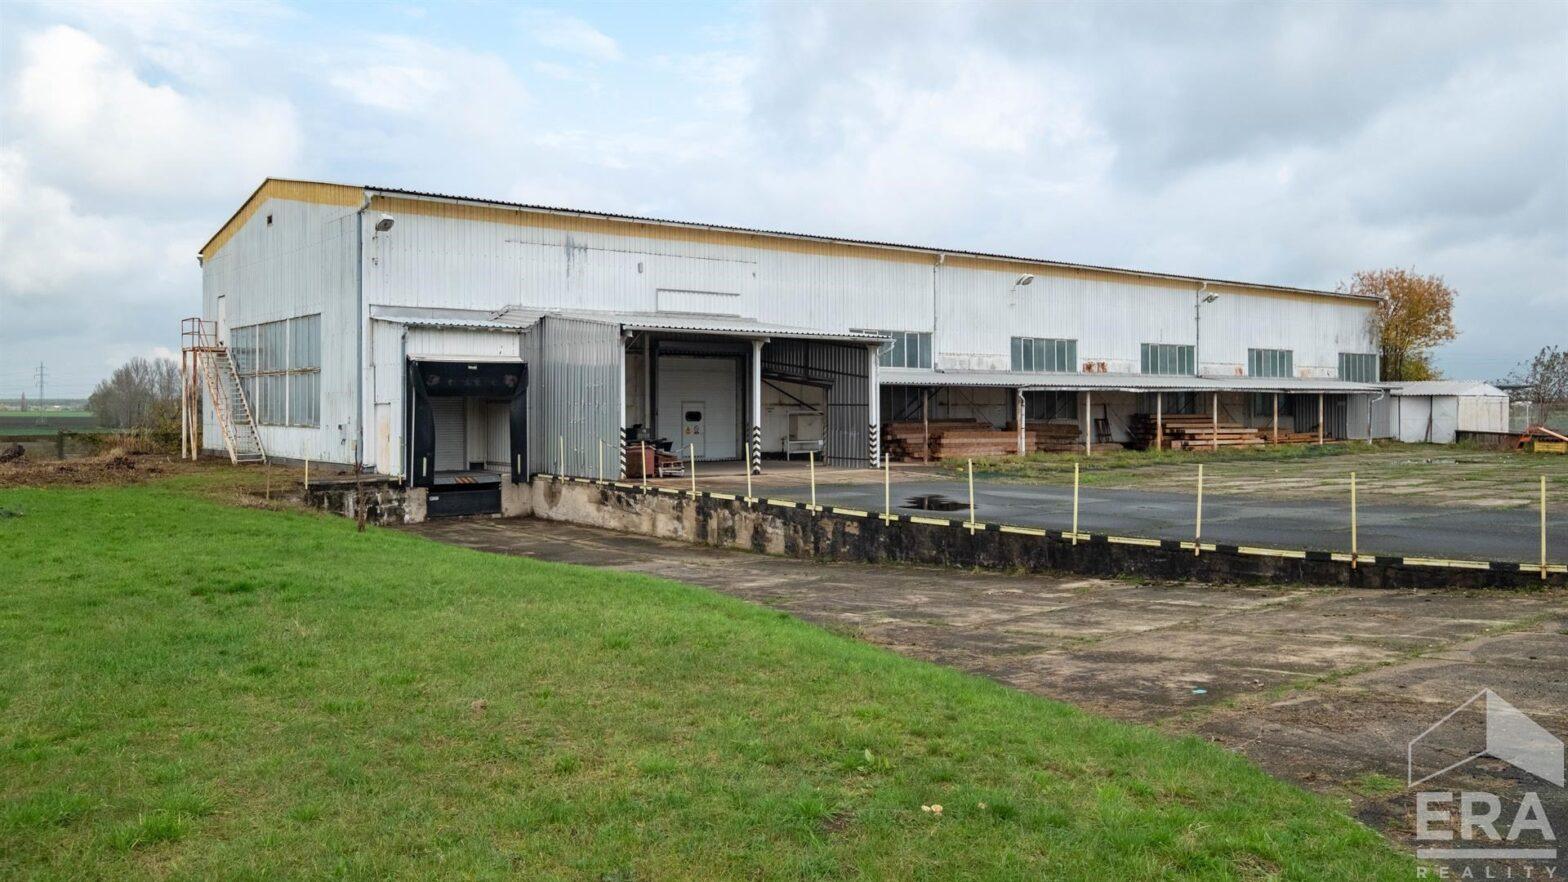 Pronájem skladovací haly o ploše 1023 m2, pozemek 3745m2, Pečky okr. Kolín